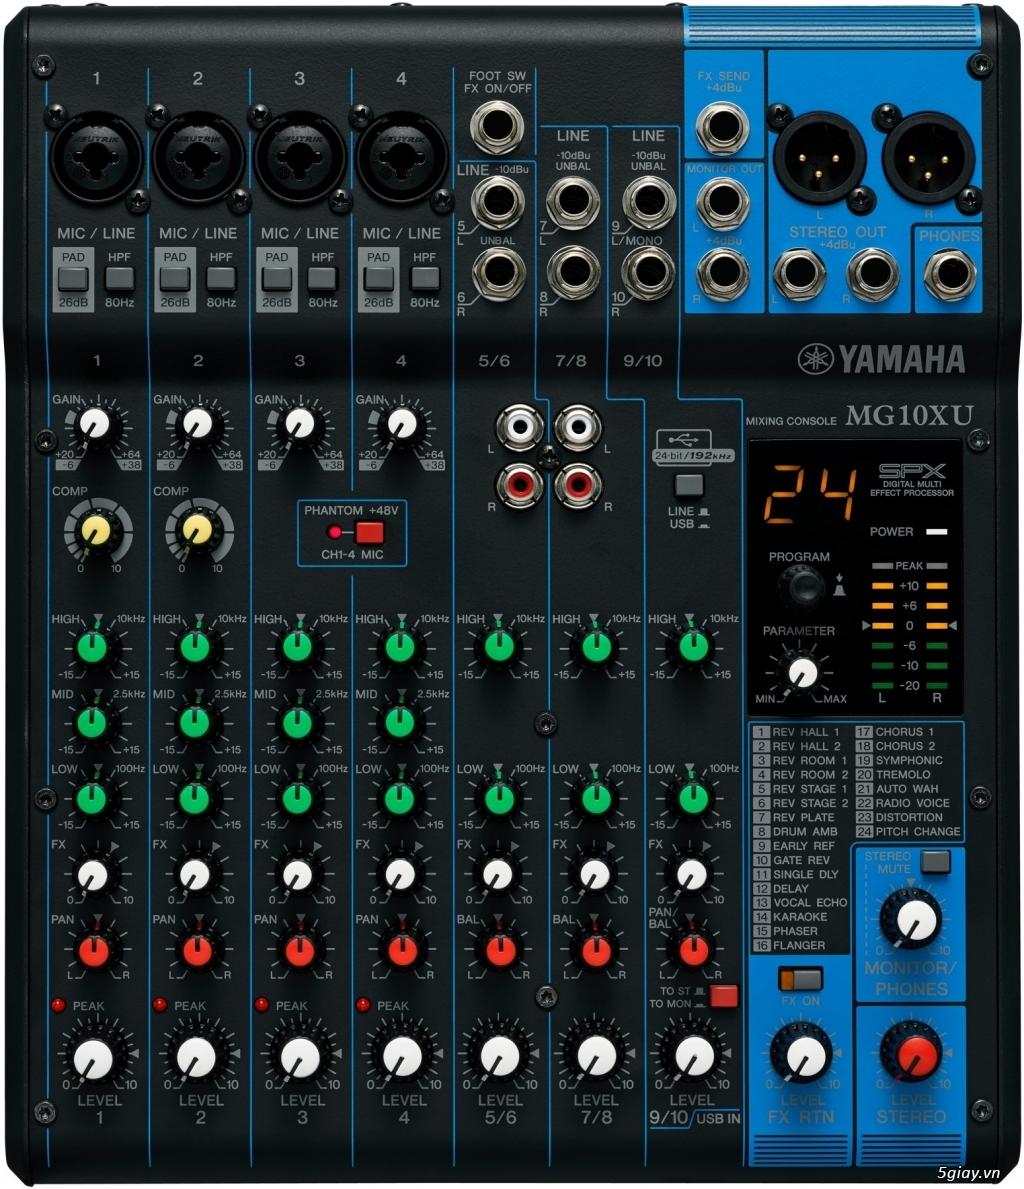 Thiên Phước Lộc Audio : Chuyển sản xuất ampli , loa công suất lớn - 25